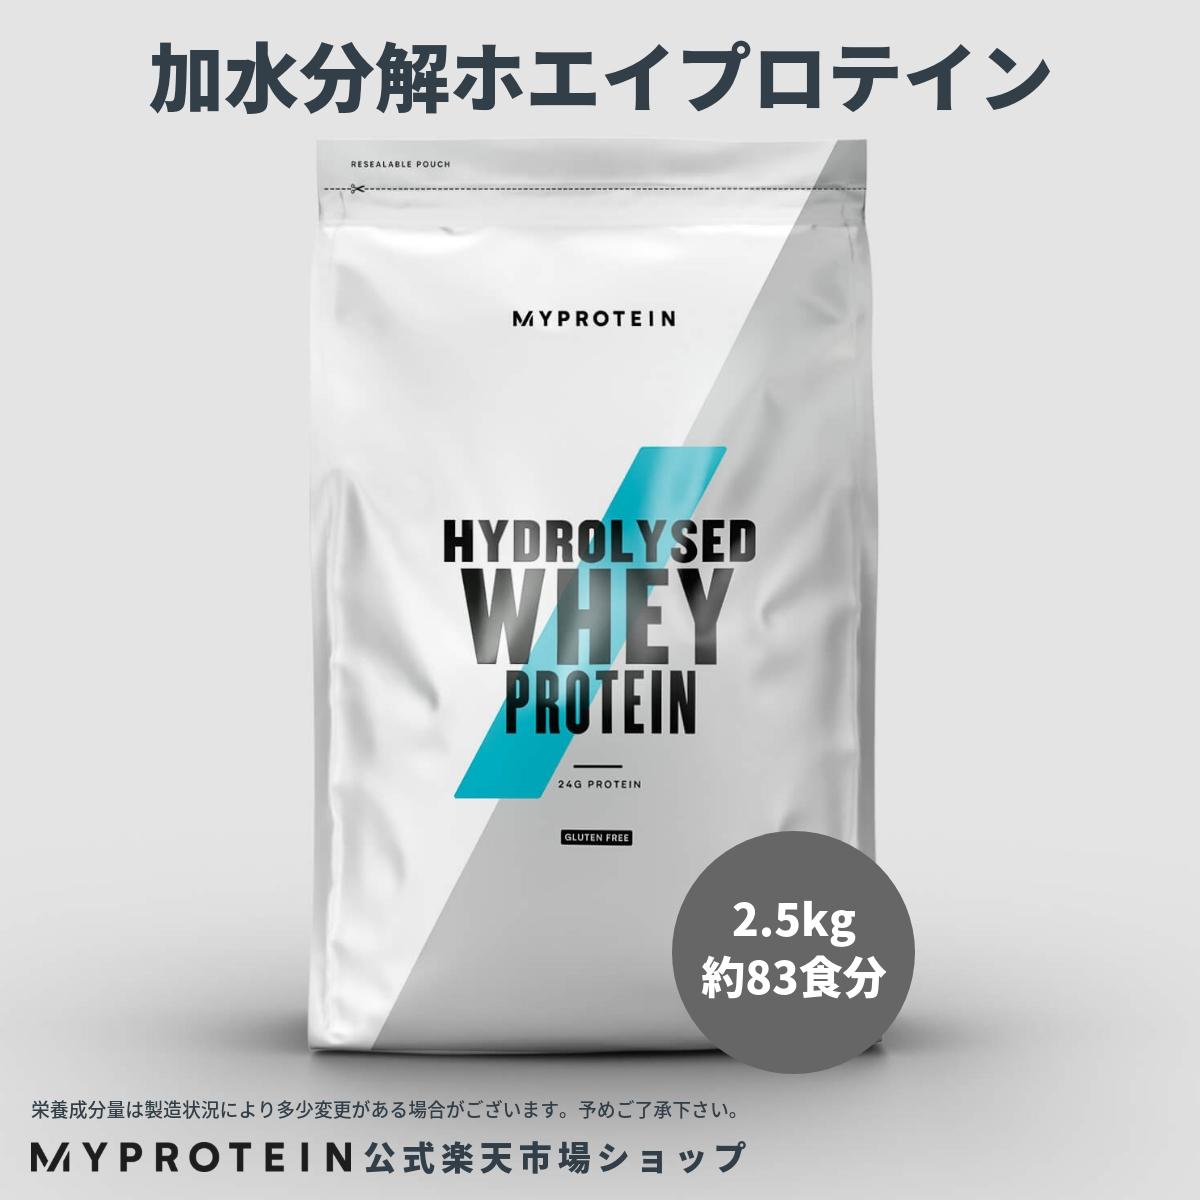 マイプロテイン 公式 【MyProtein】 加水分解 ホエイプロテイン(ハイドロプロテイン) 2.5kg 約83食分| プロテイン ホエイ 減量 ダイエット 筋トレ 筋肉 バルクアップ ボディーメイク 肉体改造 酵素 アミノ酸【楽天海外直送】